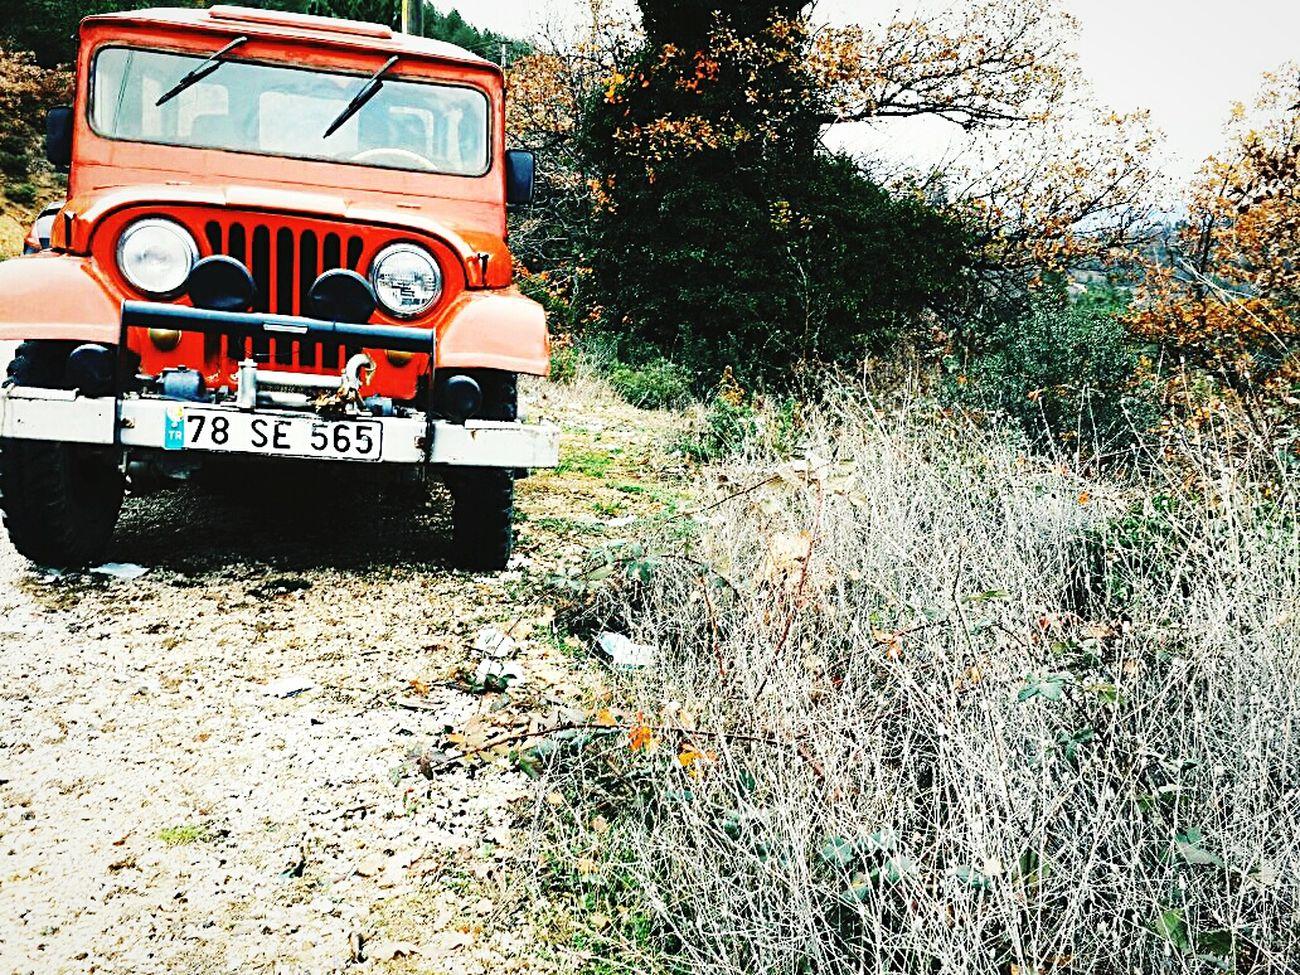 Dodge Vintage Cars Red